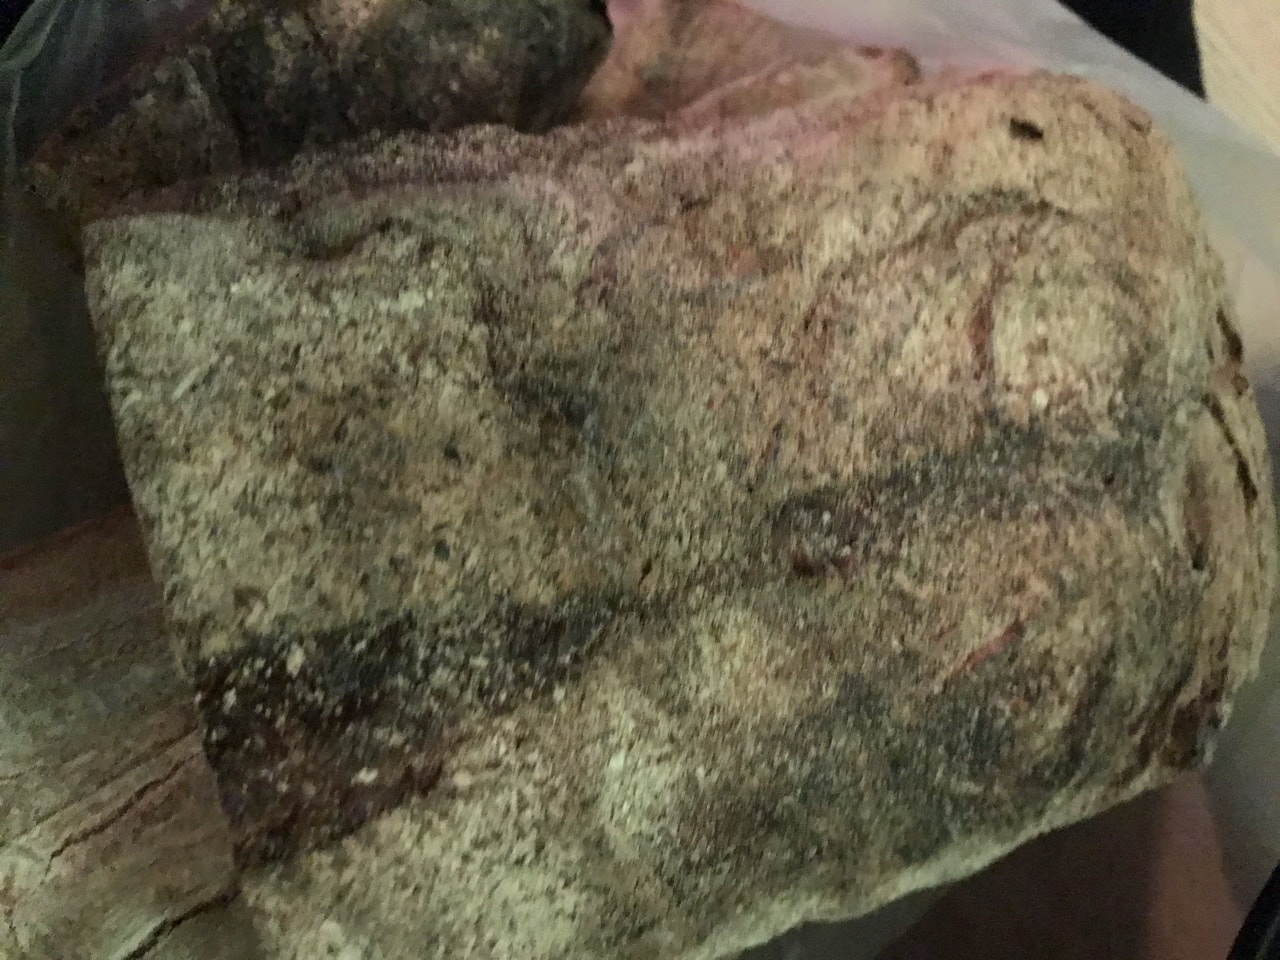 Big sourdough bread, from Pesso 10/10